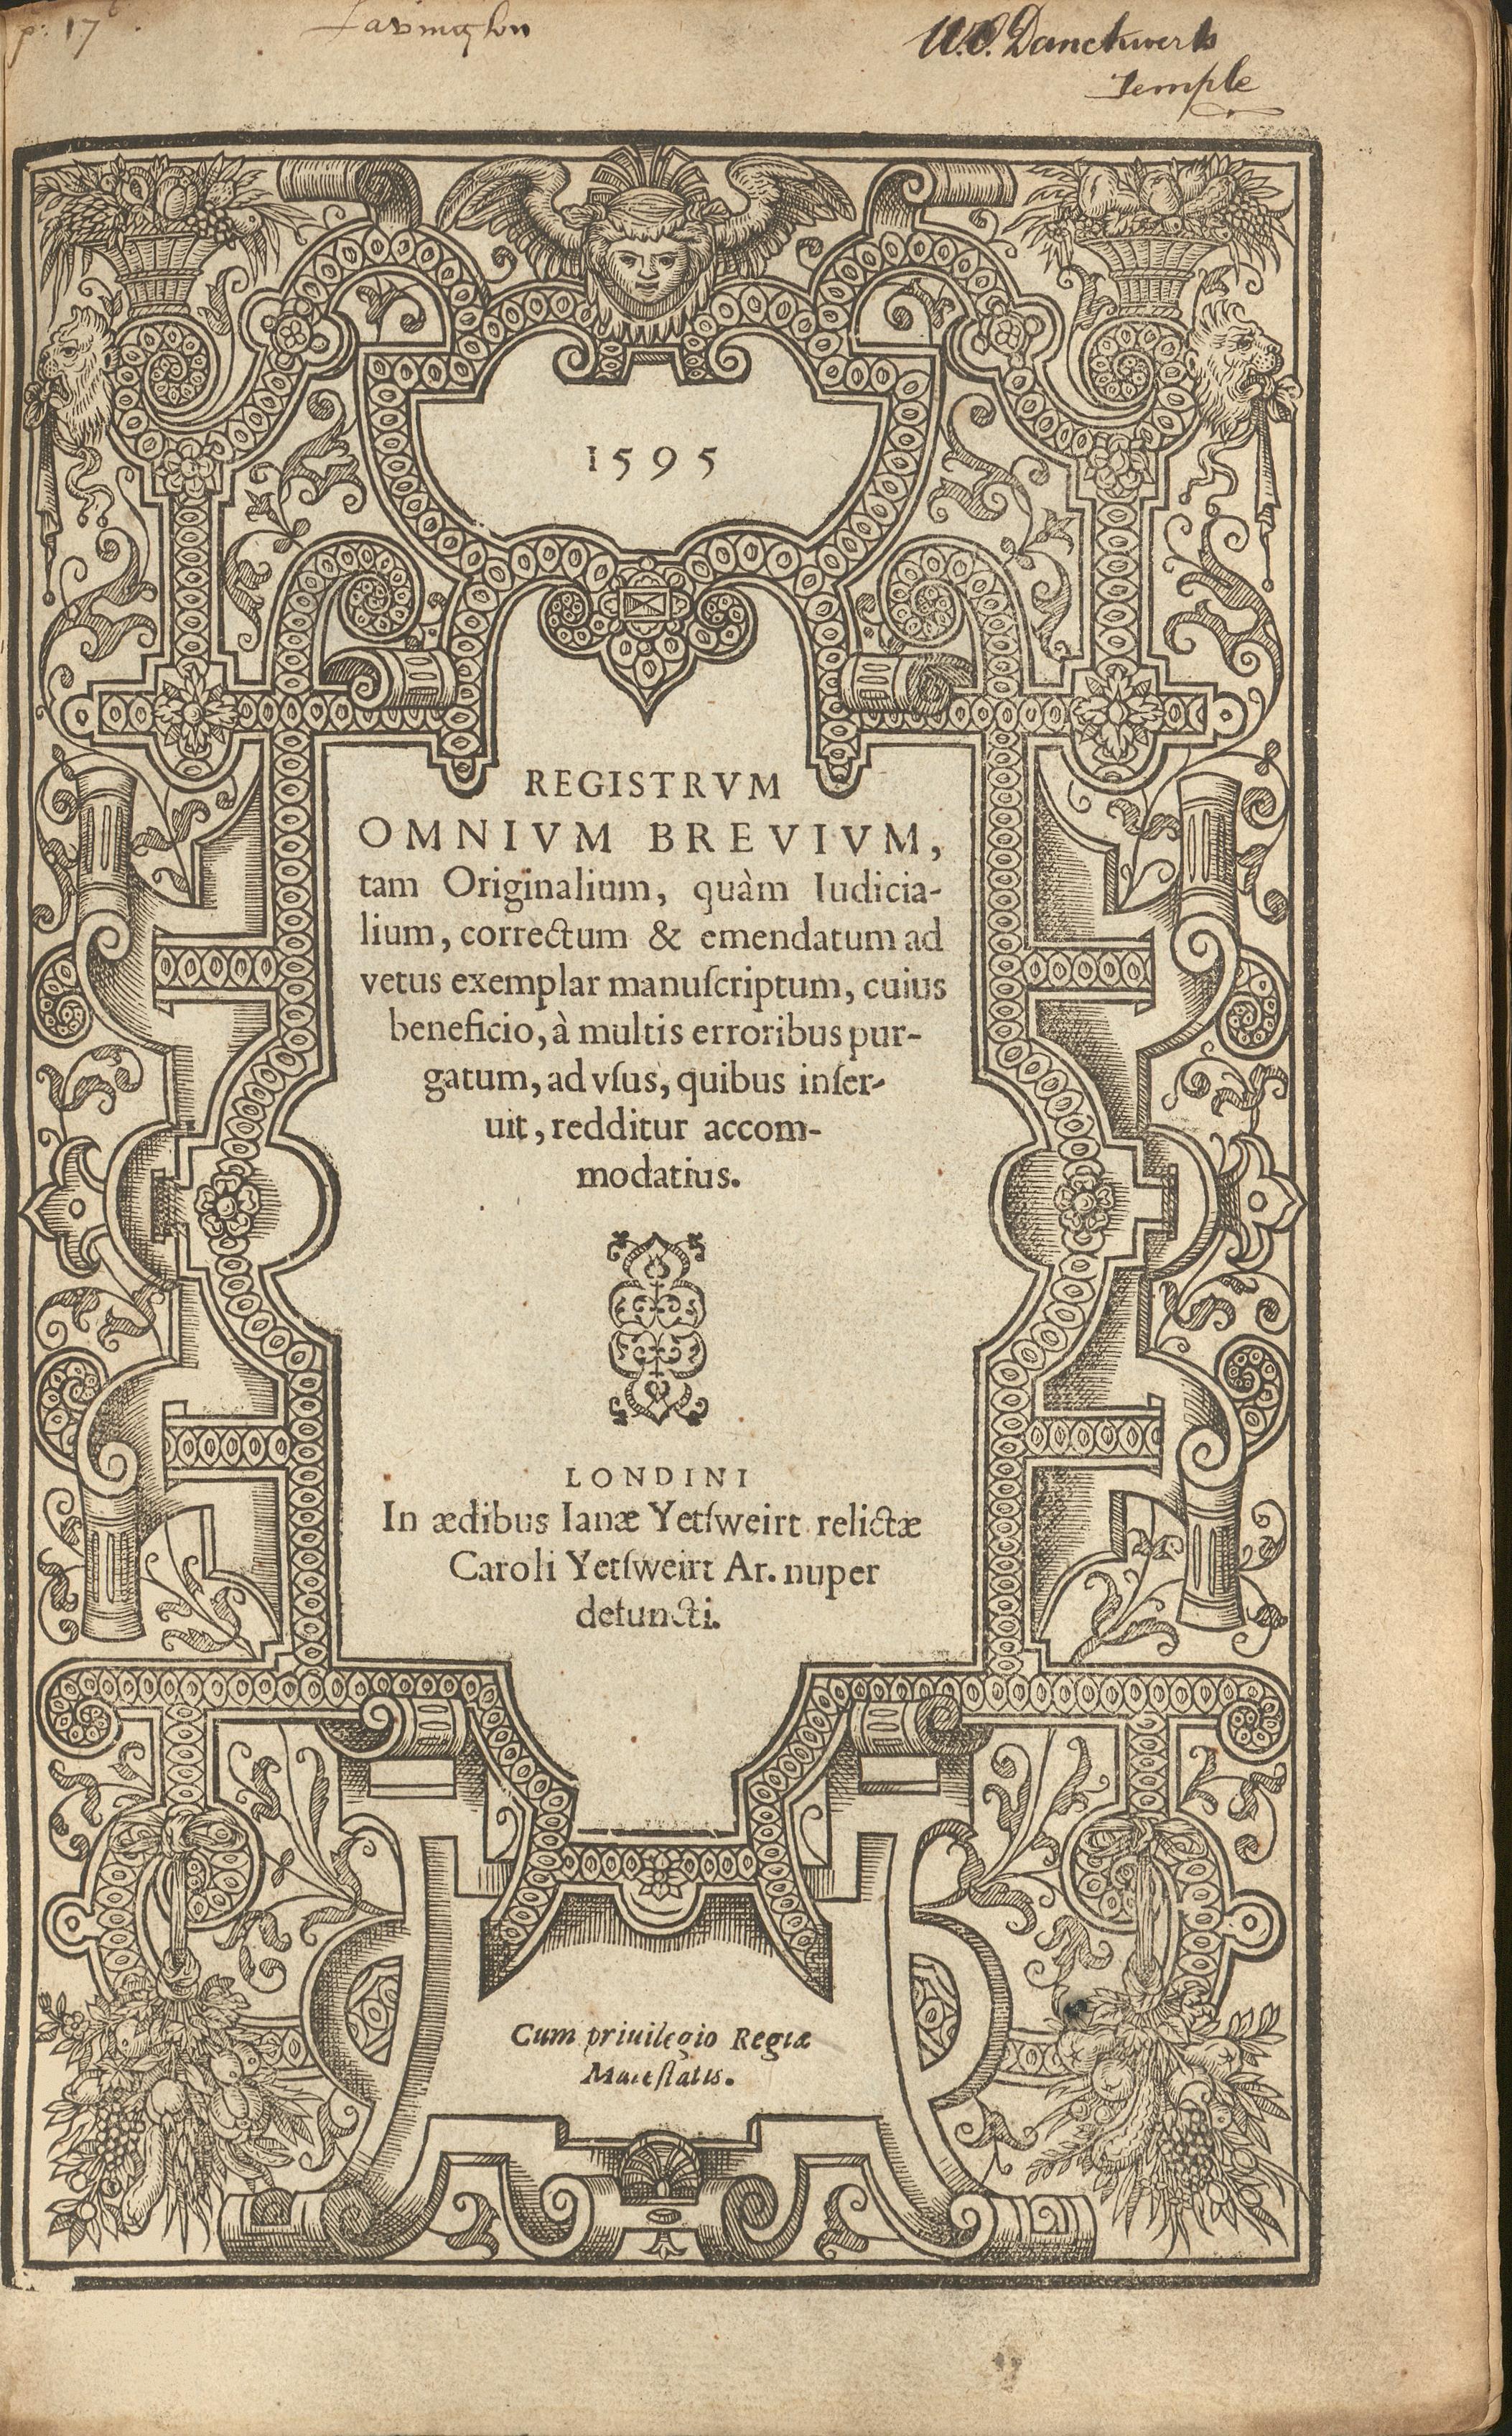 Registrum Omnium Brevium